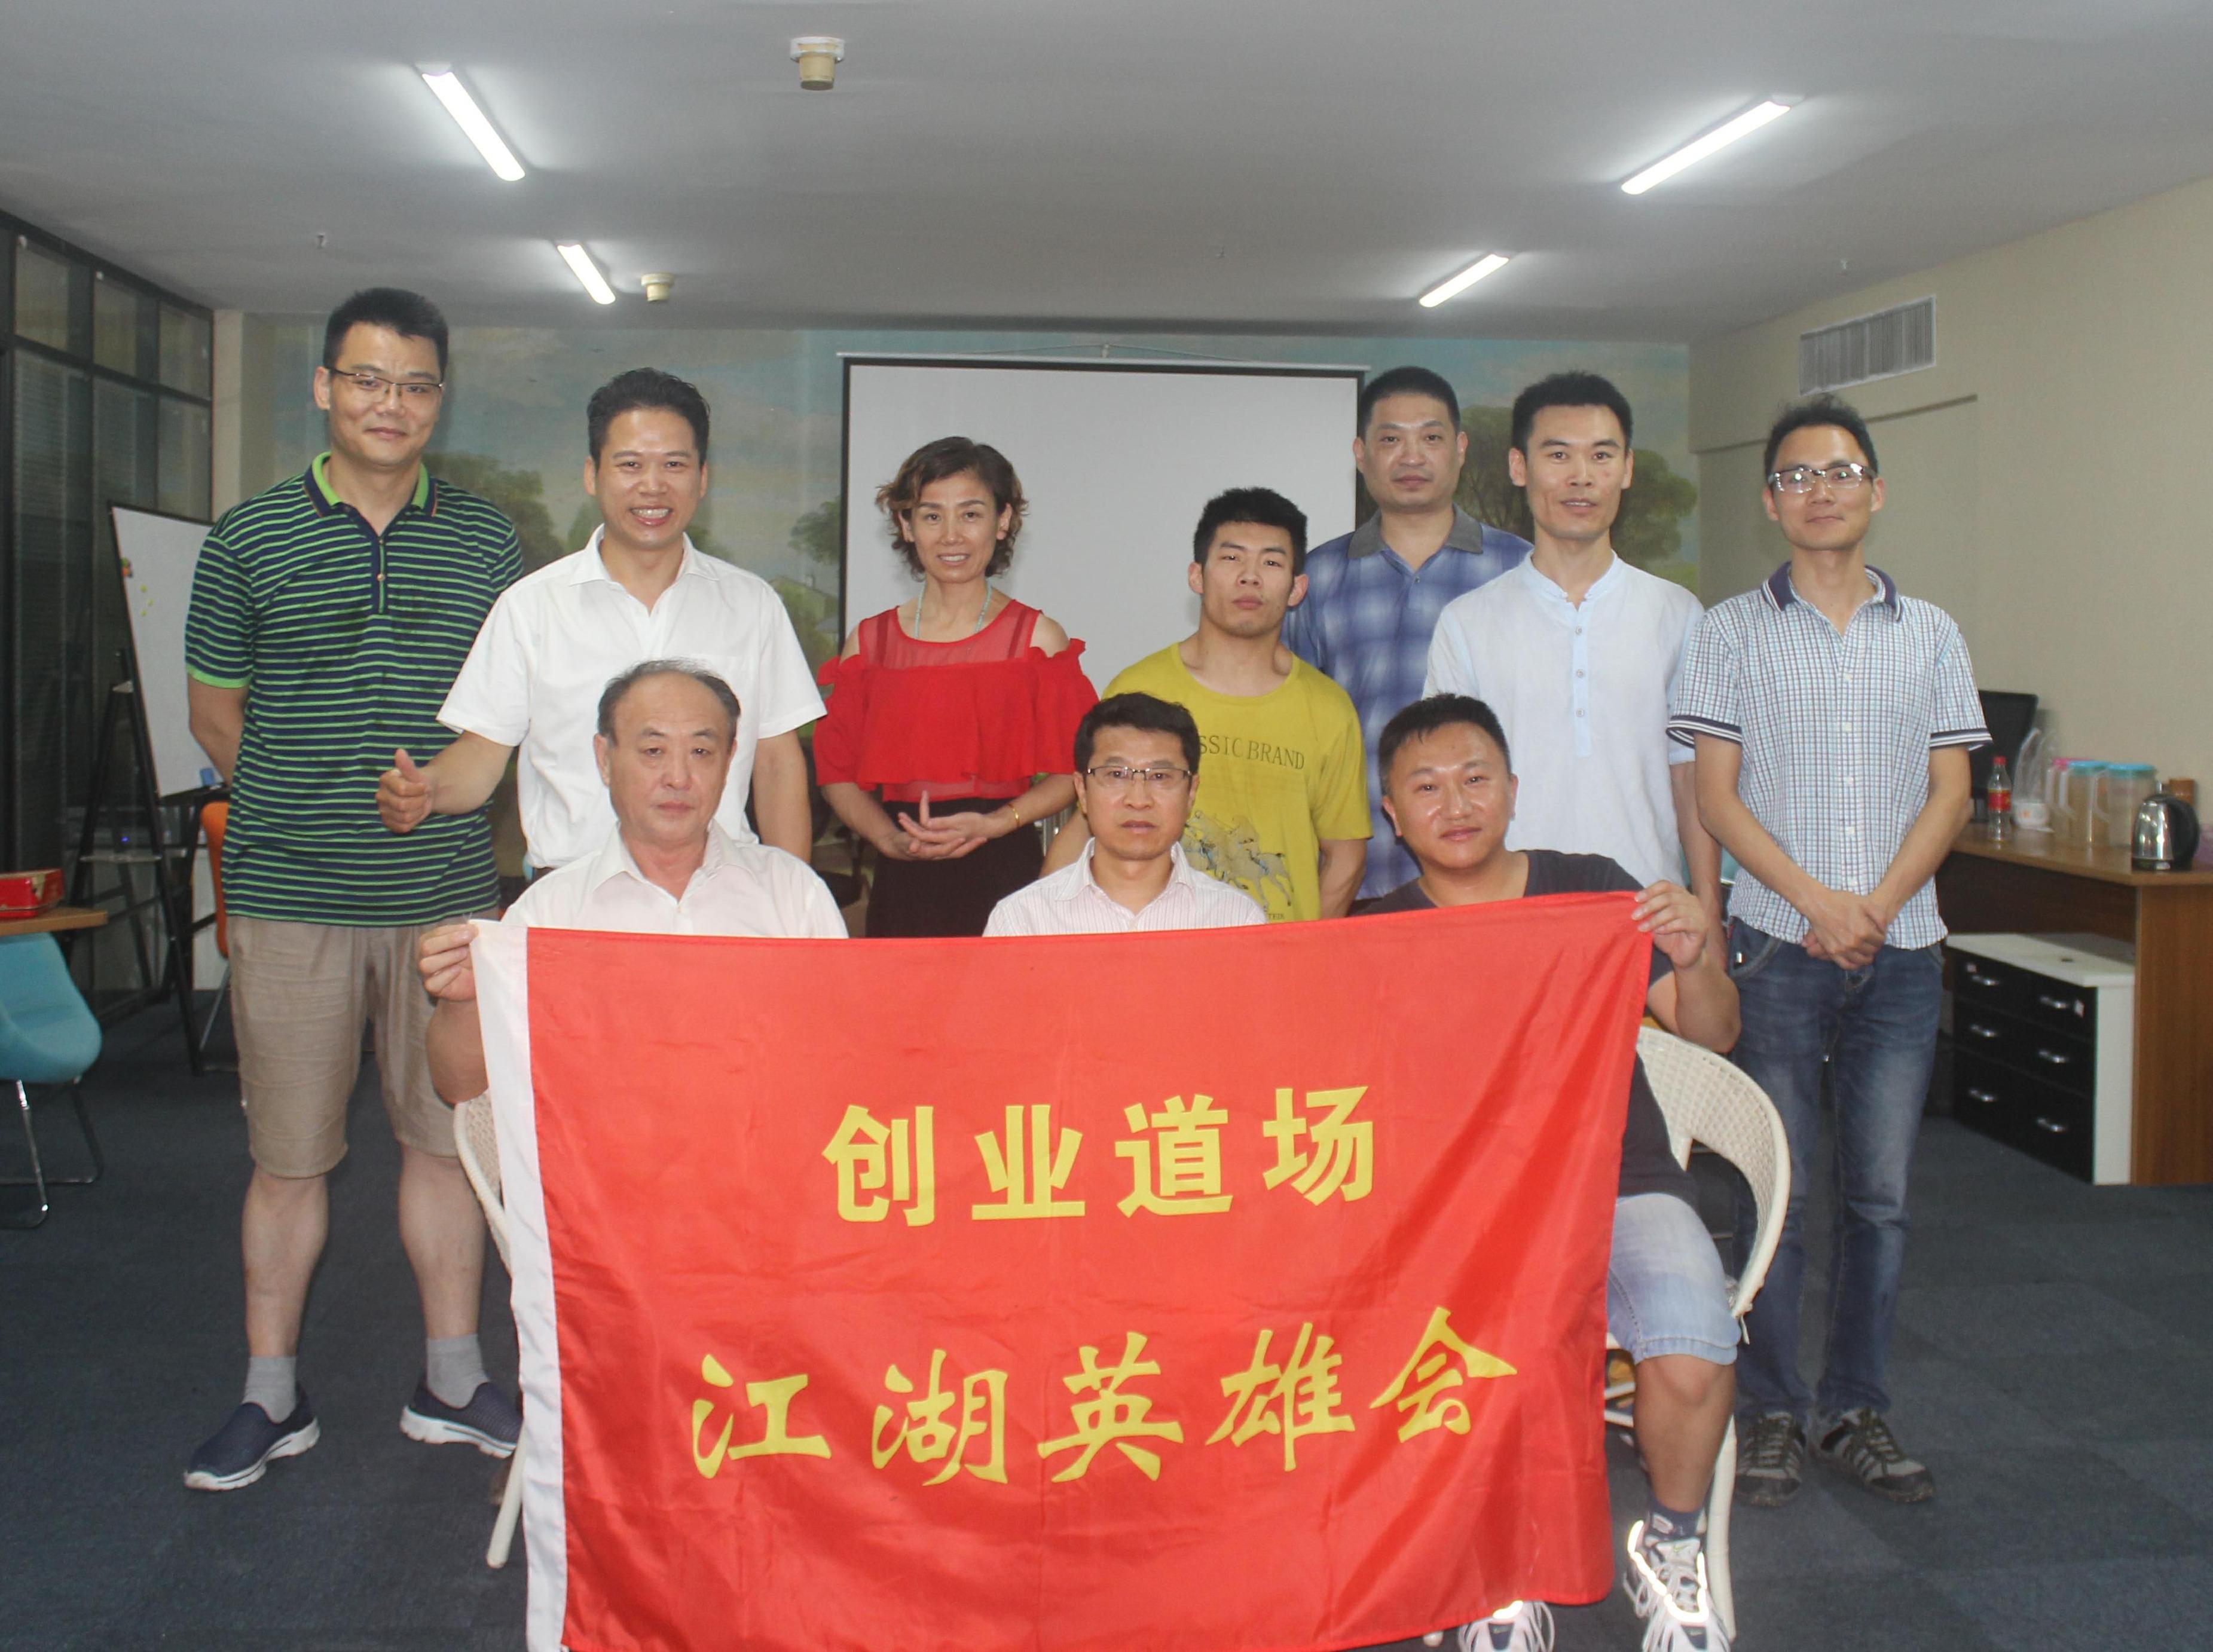 南京创业交流聚会暨创业读书会